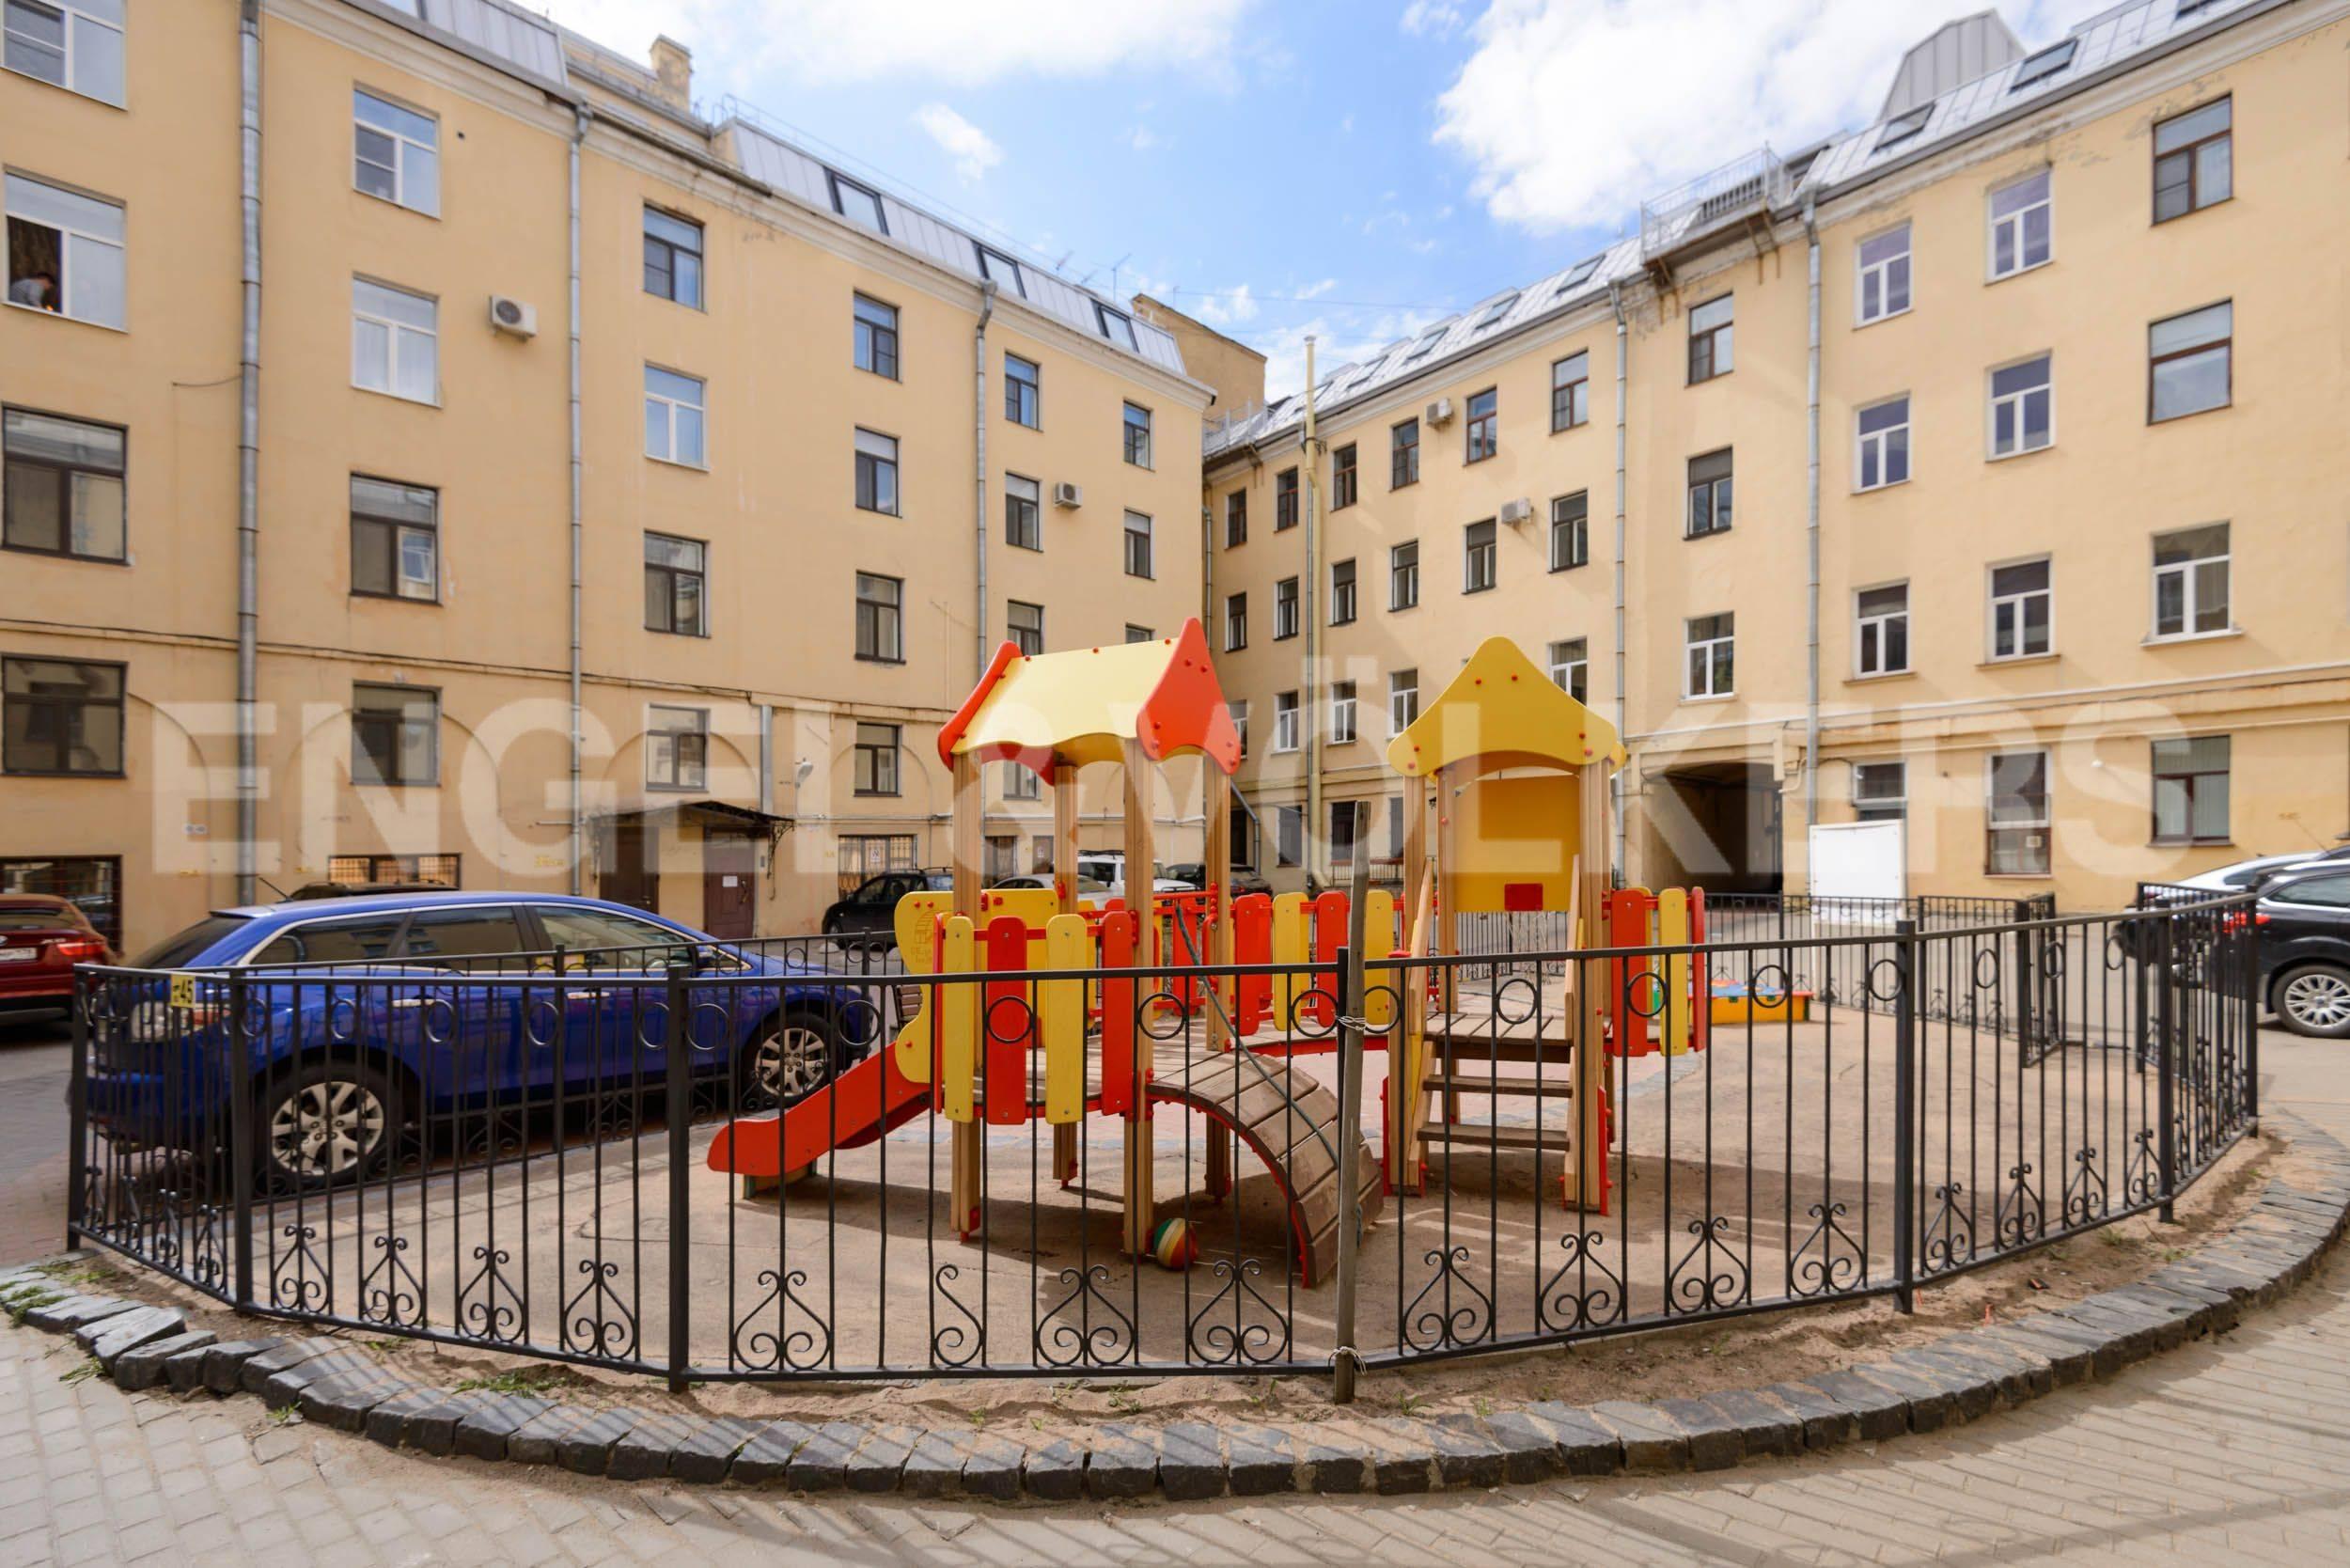 Элитные квартиры в Центральном районе. Санкт-Петербург, Марсово поле, 3. Охраняемый двор с фиксированной парковкой